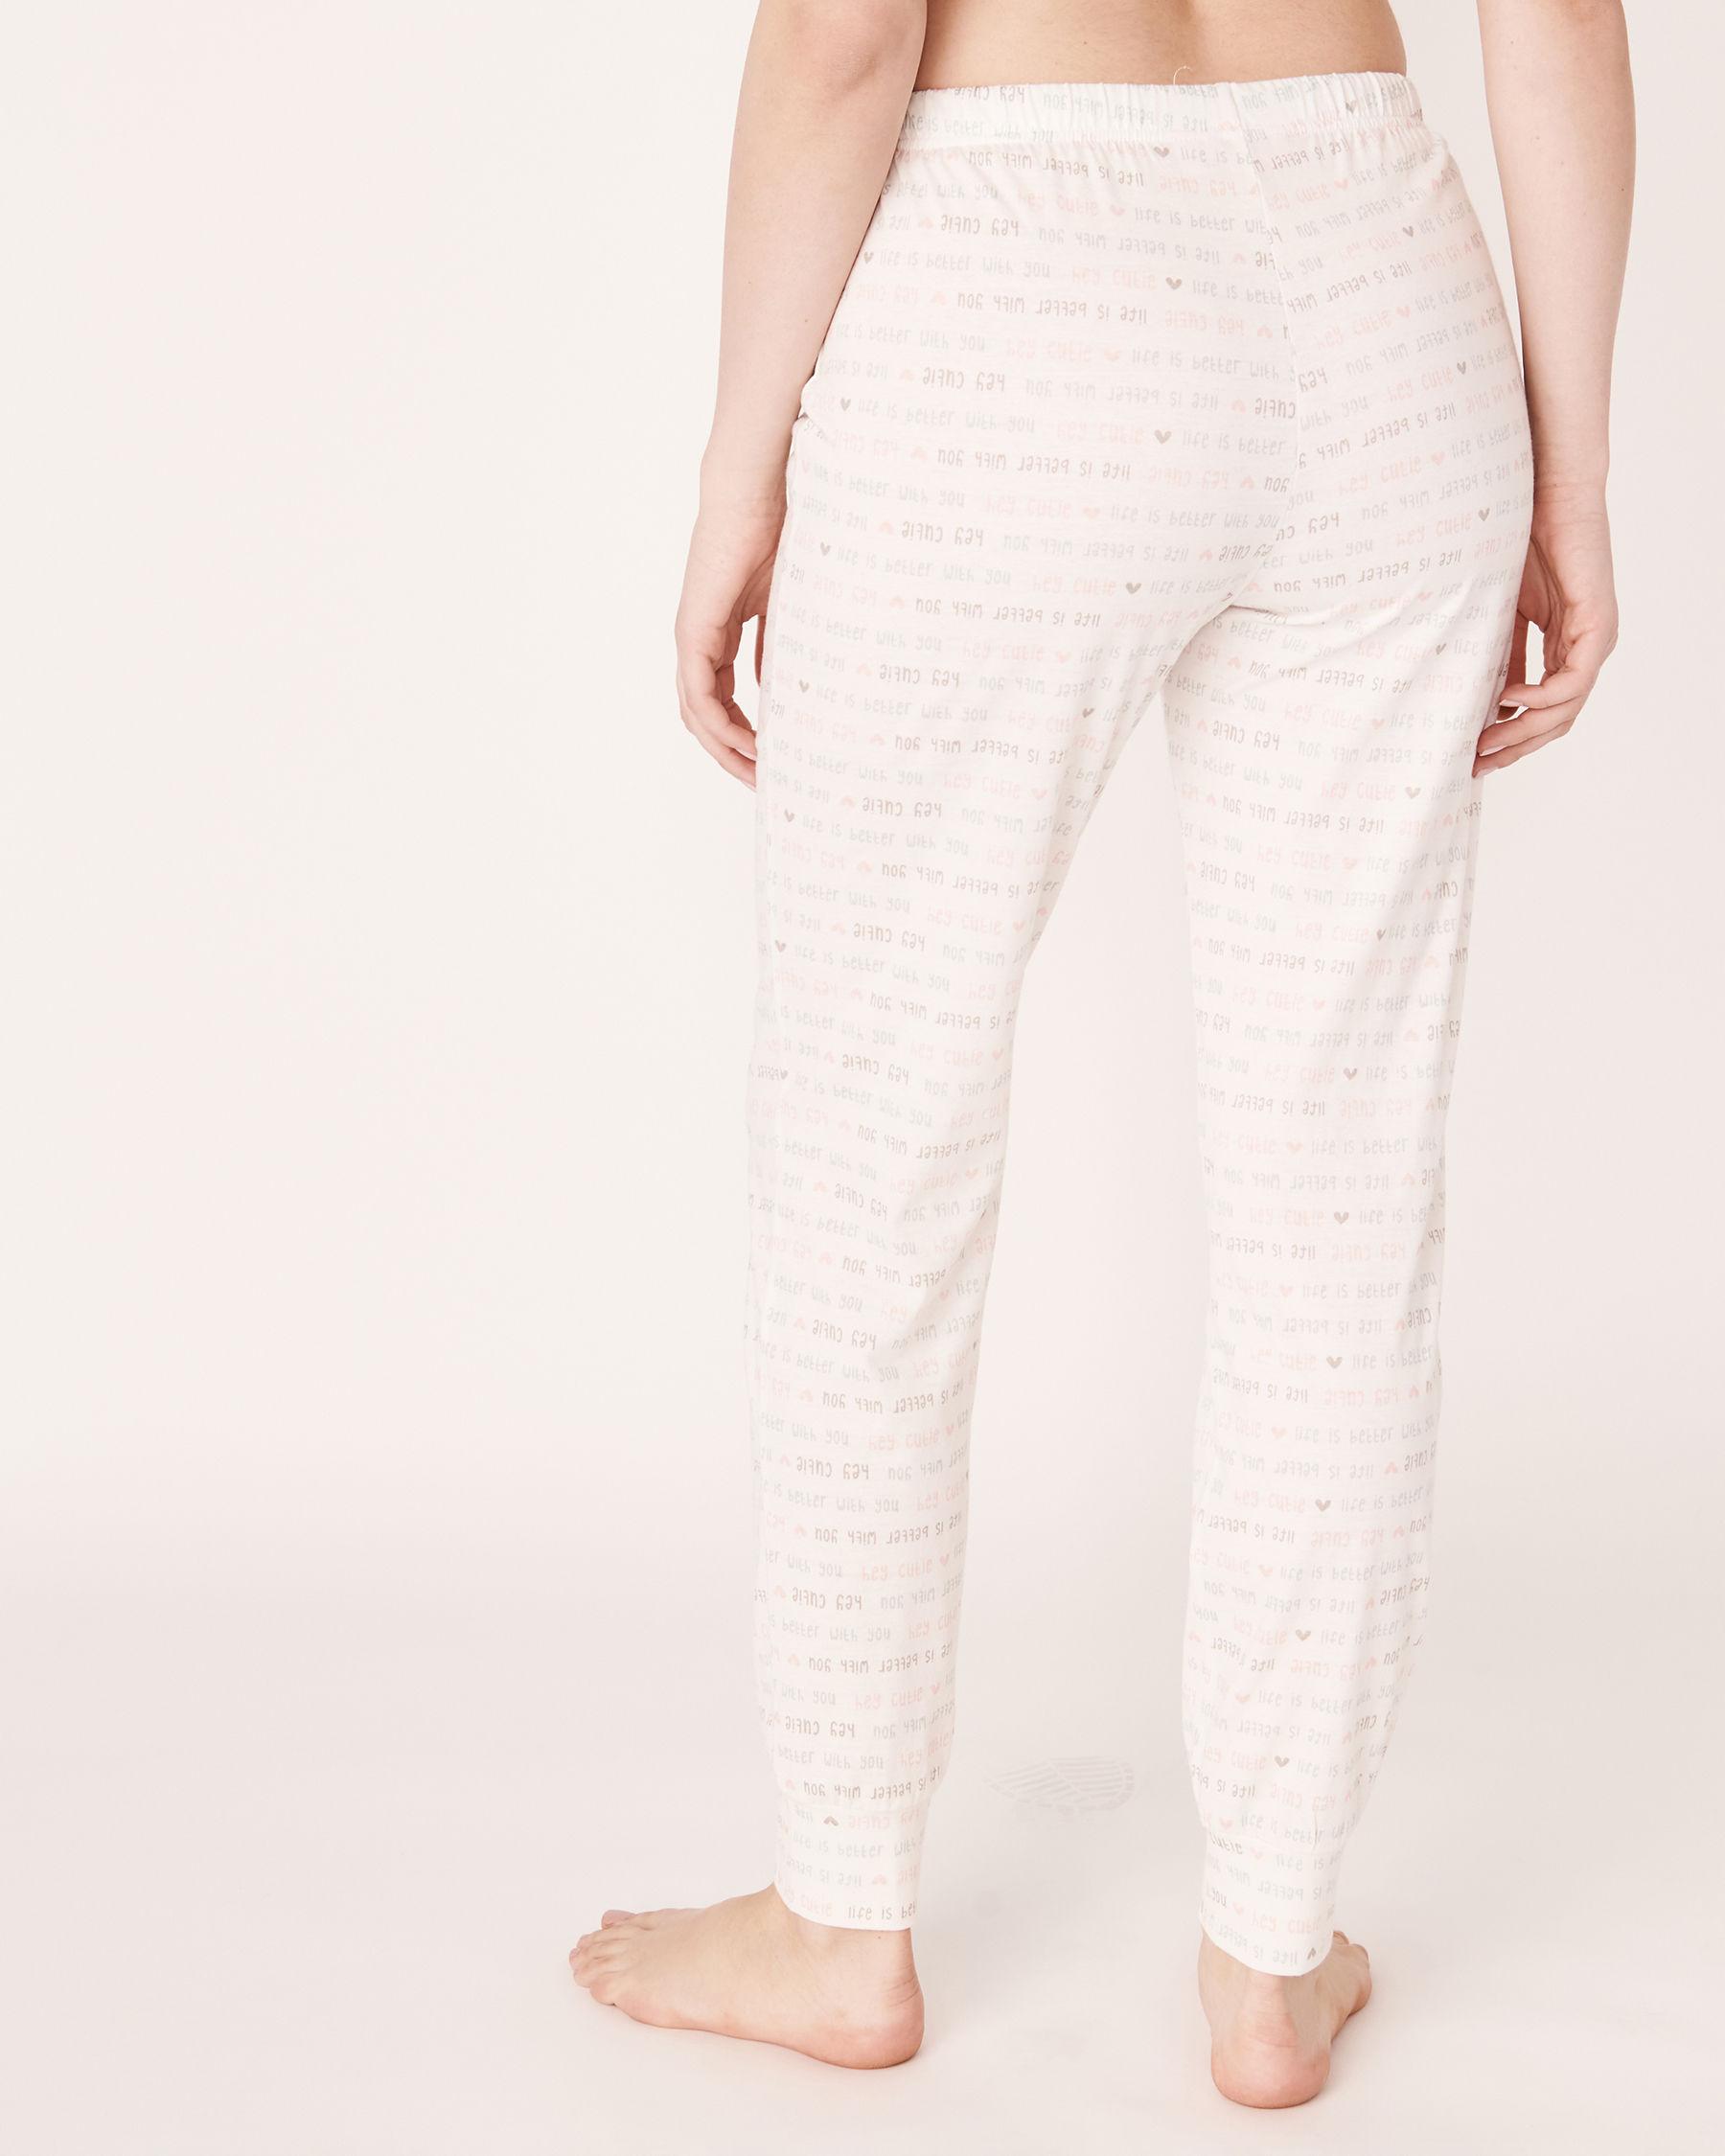 LA VIE EN ROSE Fitted Pyjama Pant Wording 40200105 - View2